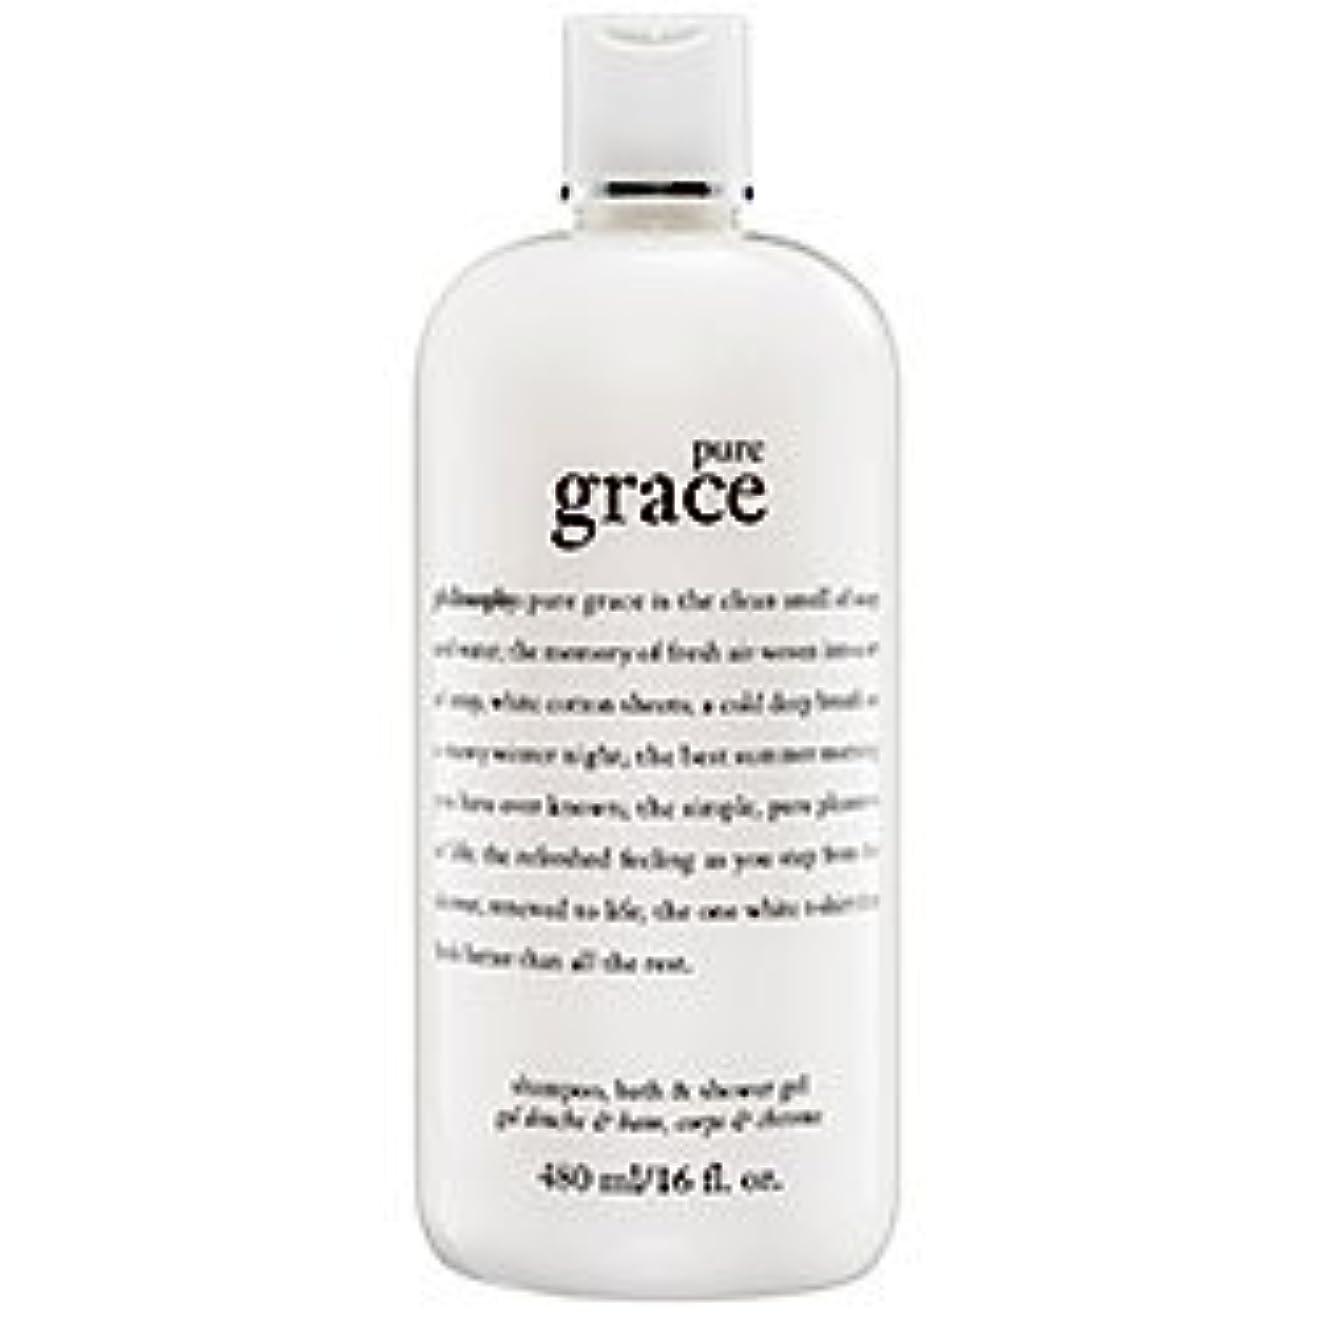 申し込む消化器無意識pure grace (ピュアグレイス ) 16.0 oz (480ml) foaming bath and shower gel for Women